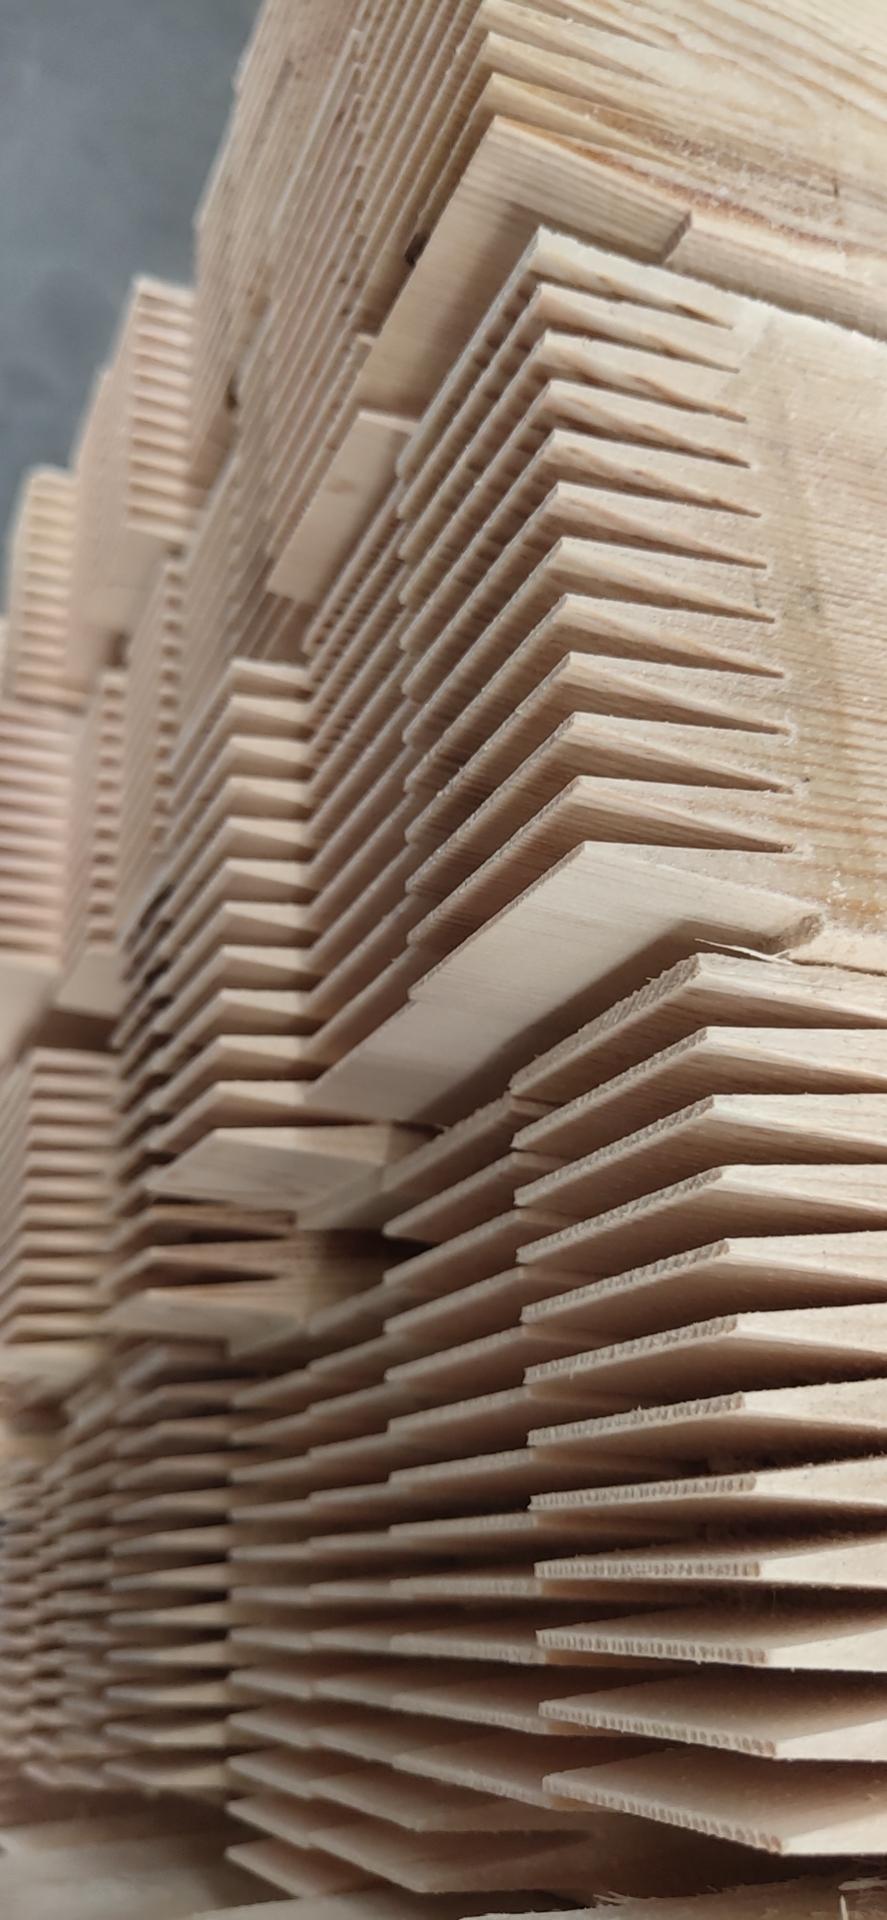 胶合木在木结构中使用的优越性